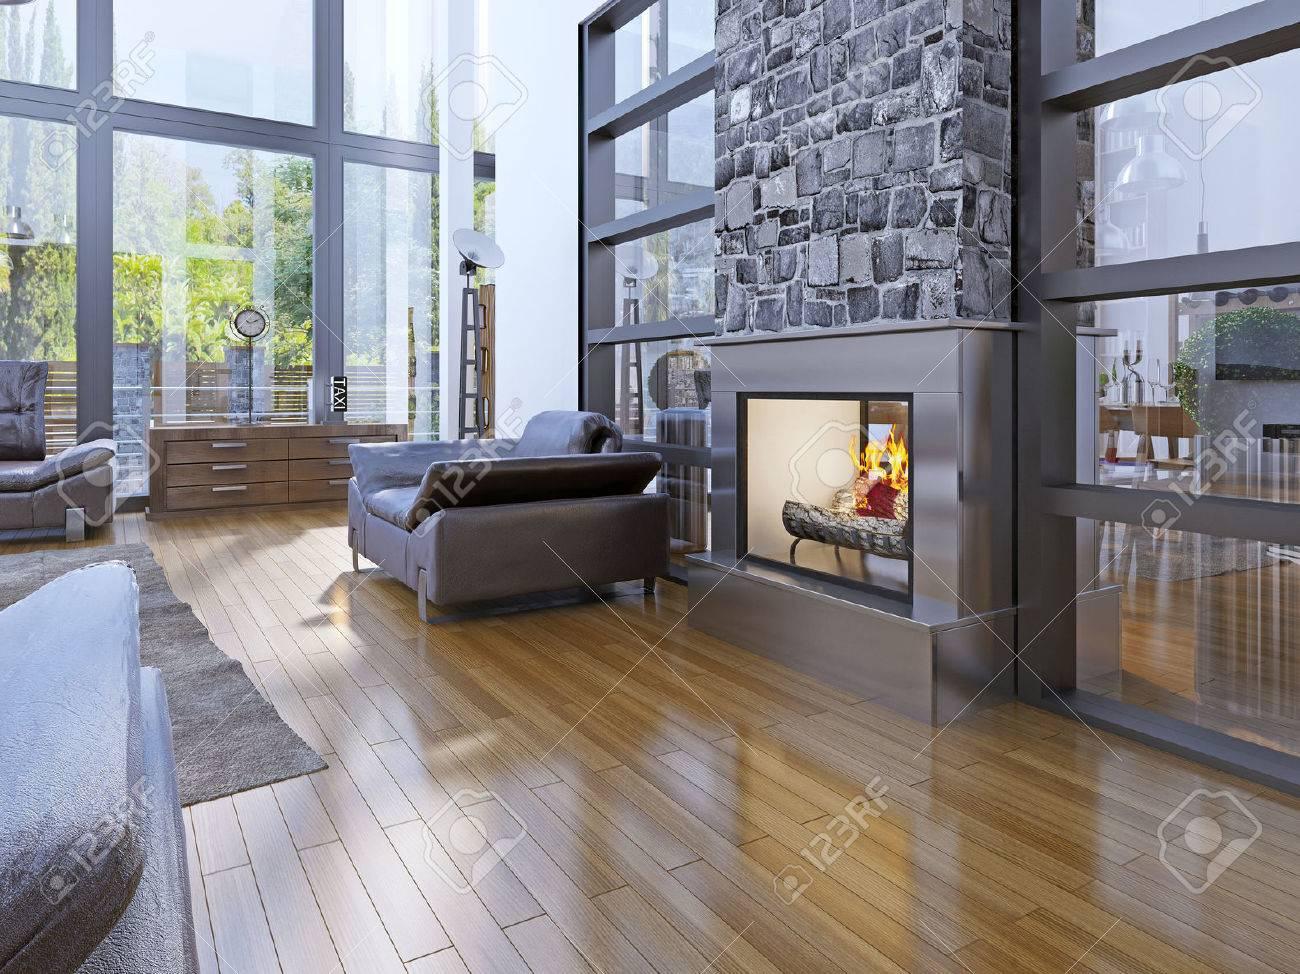 Faszinierend Wohnzimmer Idee Referenz Von Der Avantgarde-wohnzimmer Mit Kamin. 3d übertragen Standard-bild